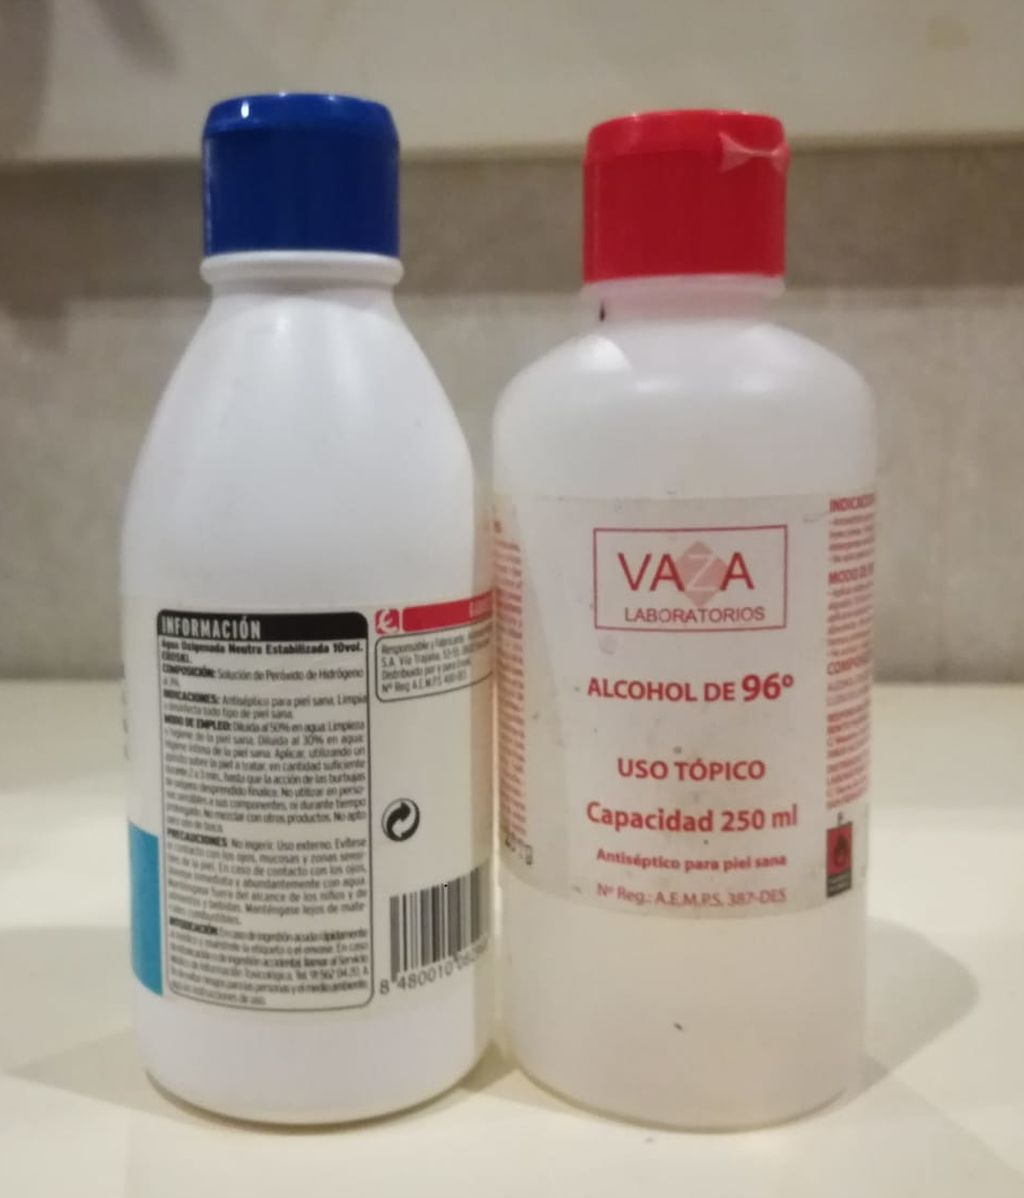 Alcohol de farmacia y agua oxigenada.